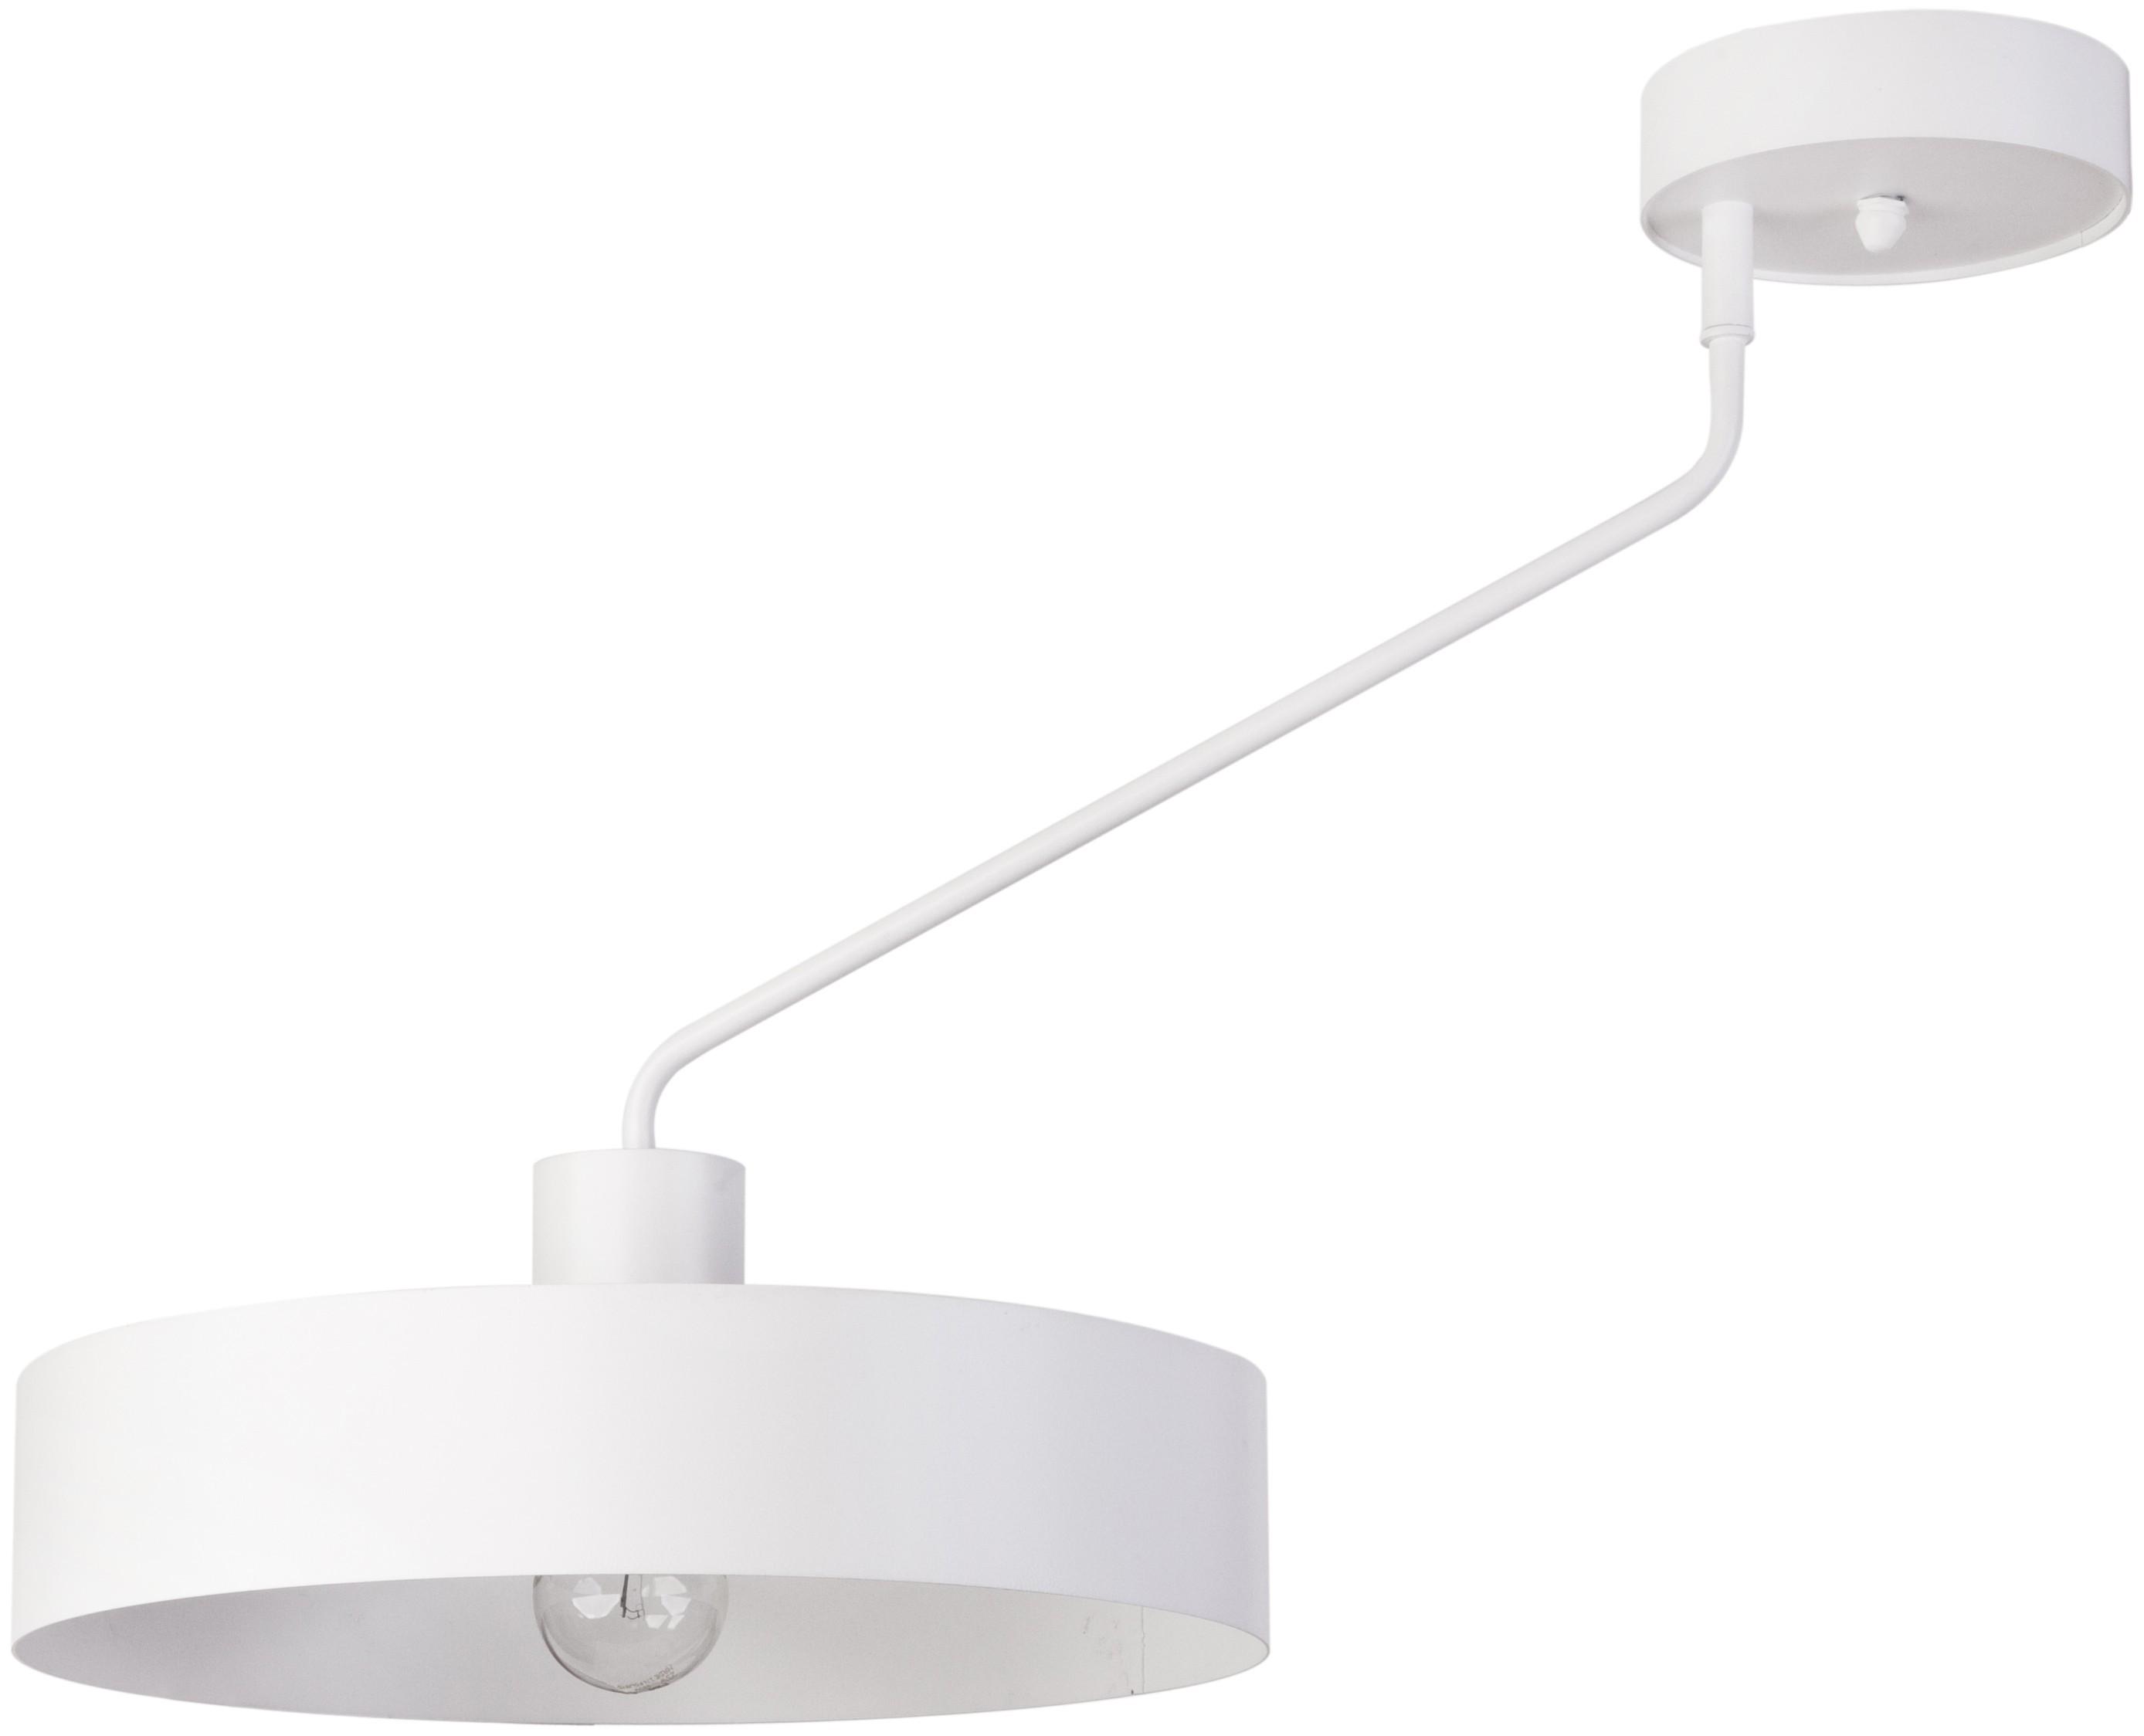 Lampa sufitowa nowoczesna Jumbo 1 biała metalowa okrągła 31530 - Sigma Do -17% rabatu w koszyku i darmowa dostawa od 299zł !